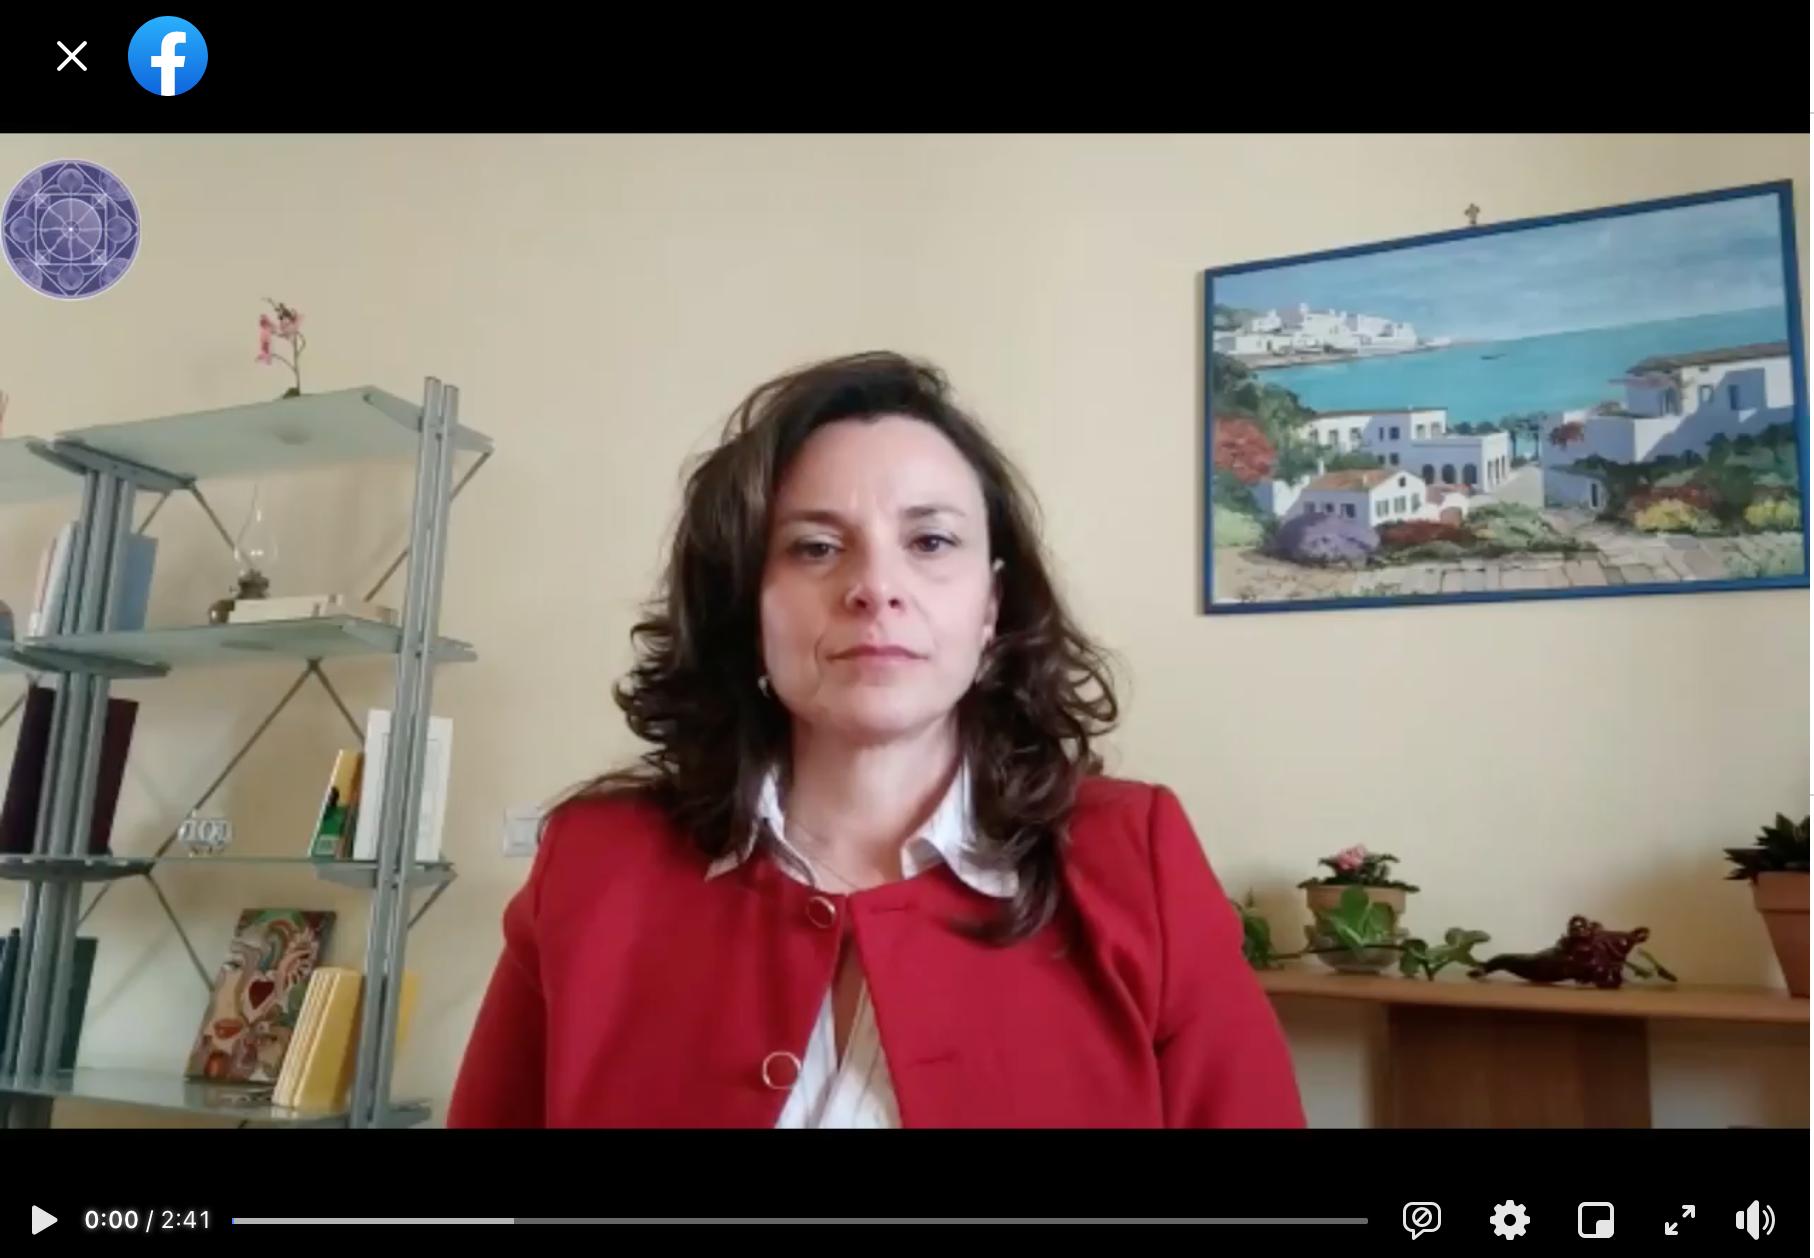 Relazioni tossiche: quali i segnali? - Officina delle domande: la dr.ssa ANNA MARTONE risponde - Alchimie Giovani